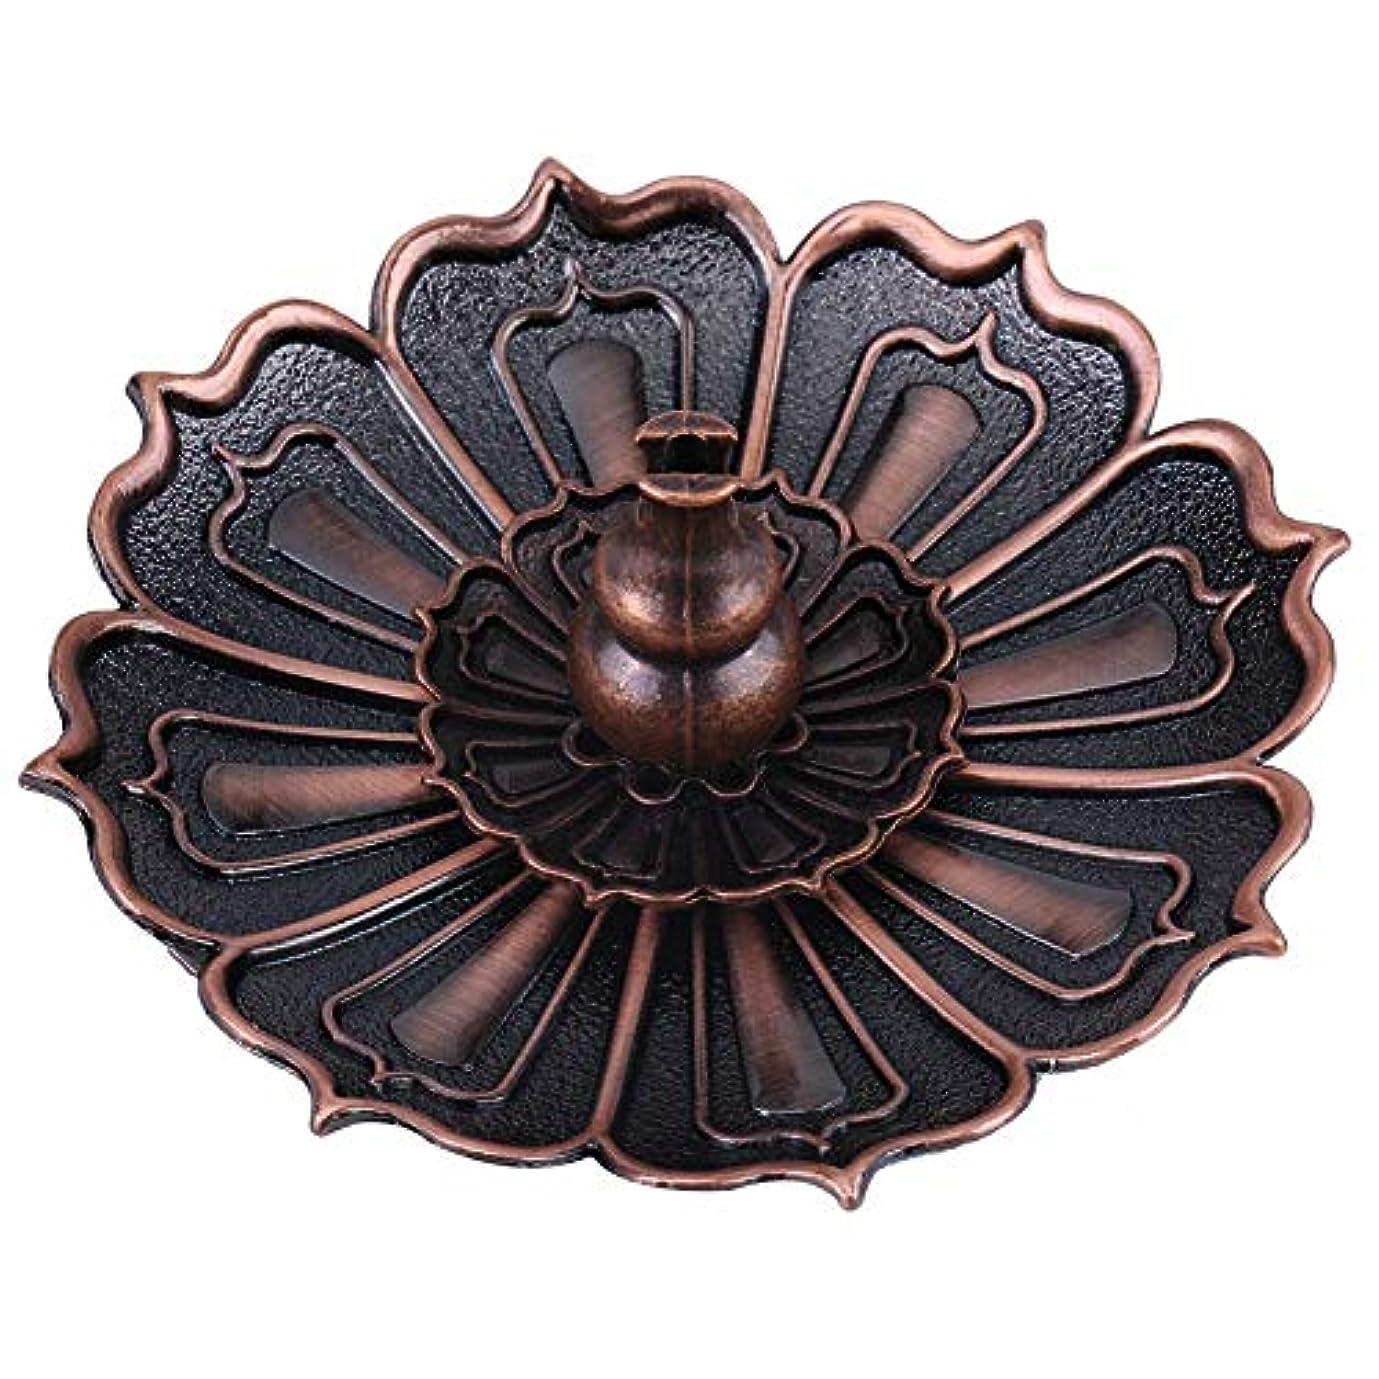 ステップ閉塞ジュラシックパーク蓮の花の形の香ホルダー - 線香炉 香立て お香用具 お線香用可 アロマ香炉9×3.5センチメートル